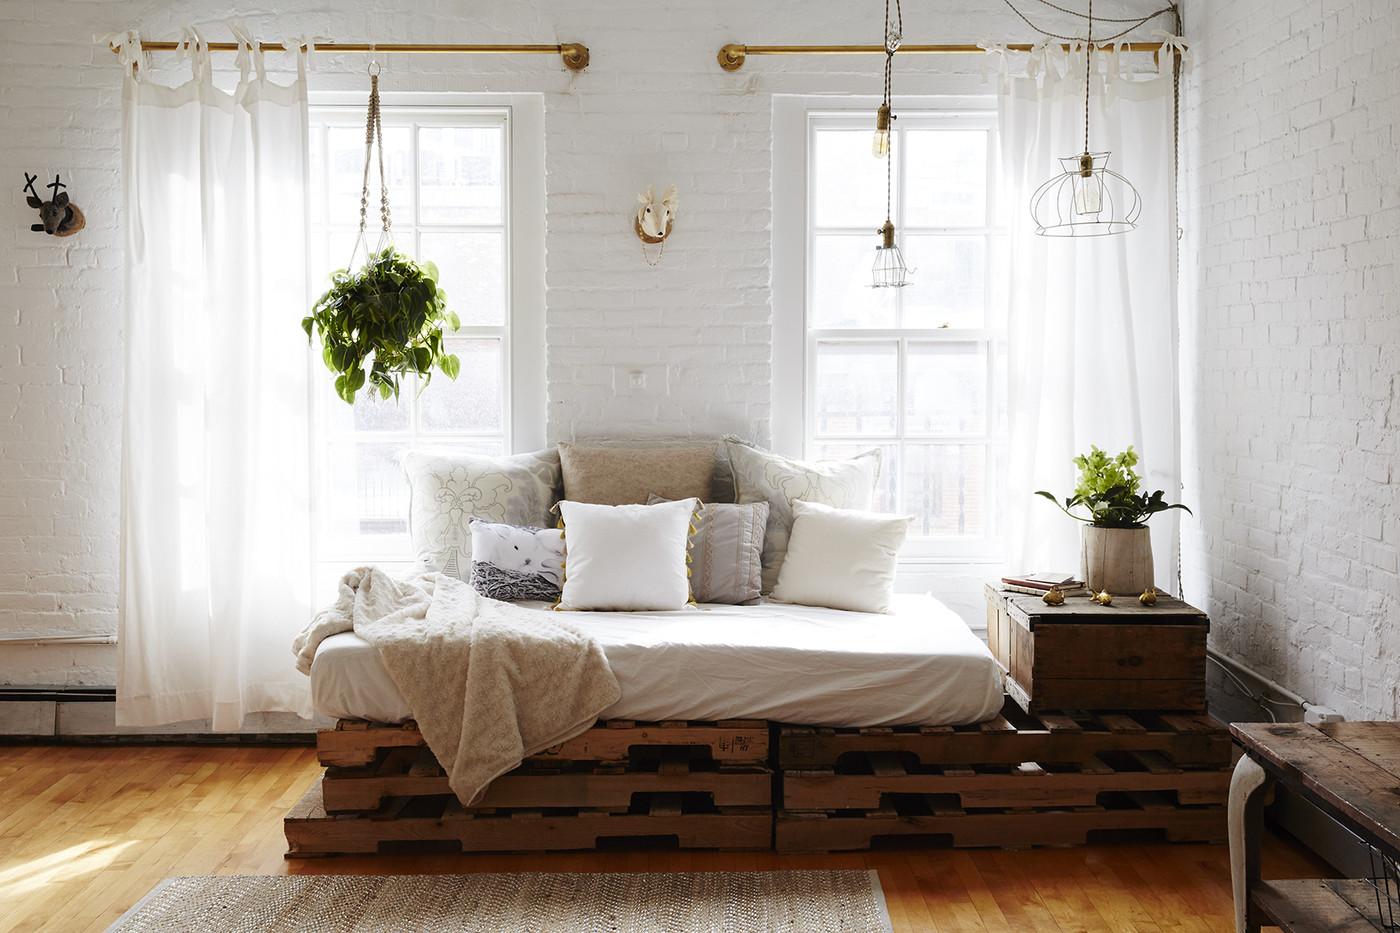 Återvunna möbler i det billiga vardagsrummet.  Källa: Lonny.com